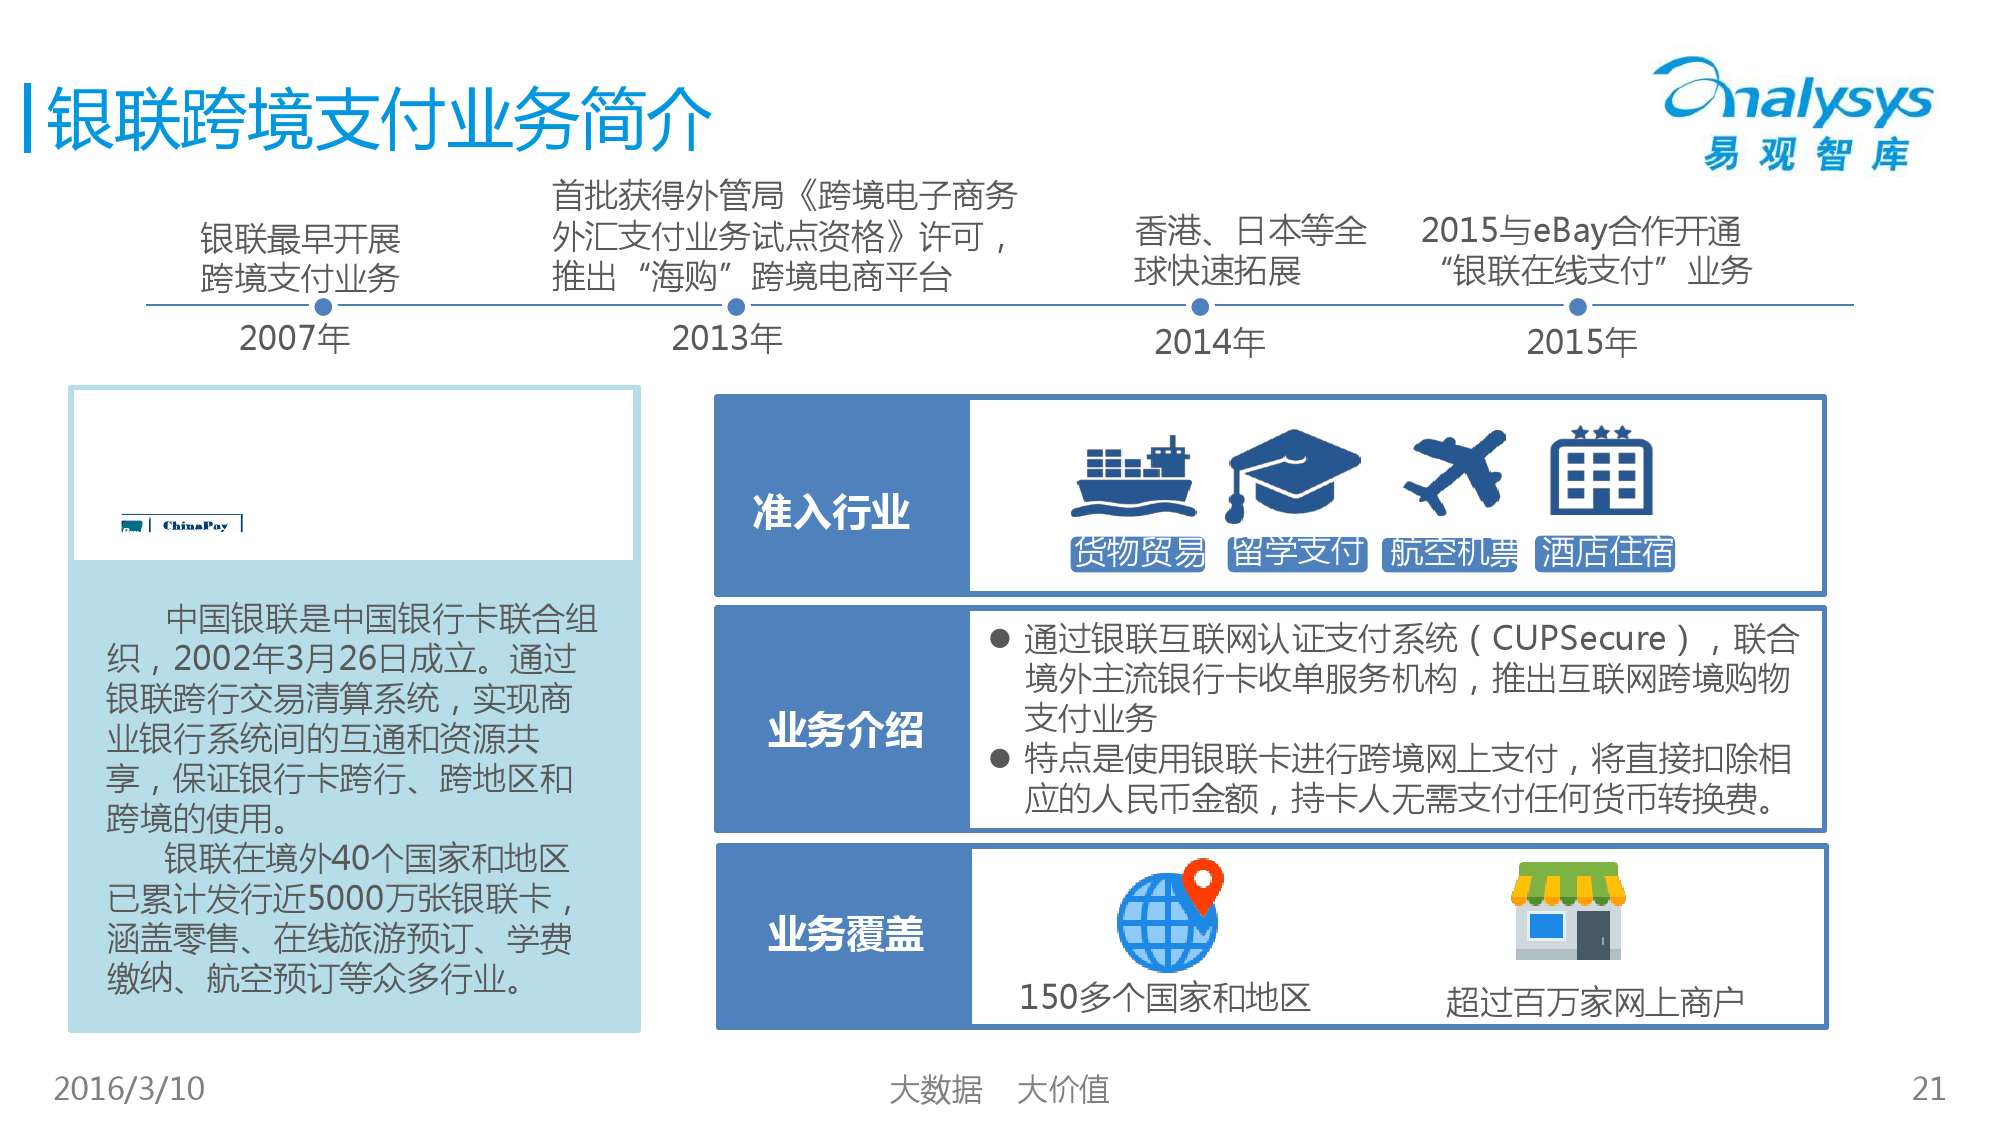 中国跨境支付市场专题研究报告2016_000021